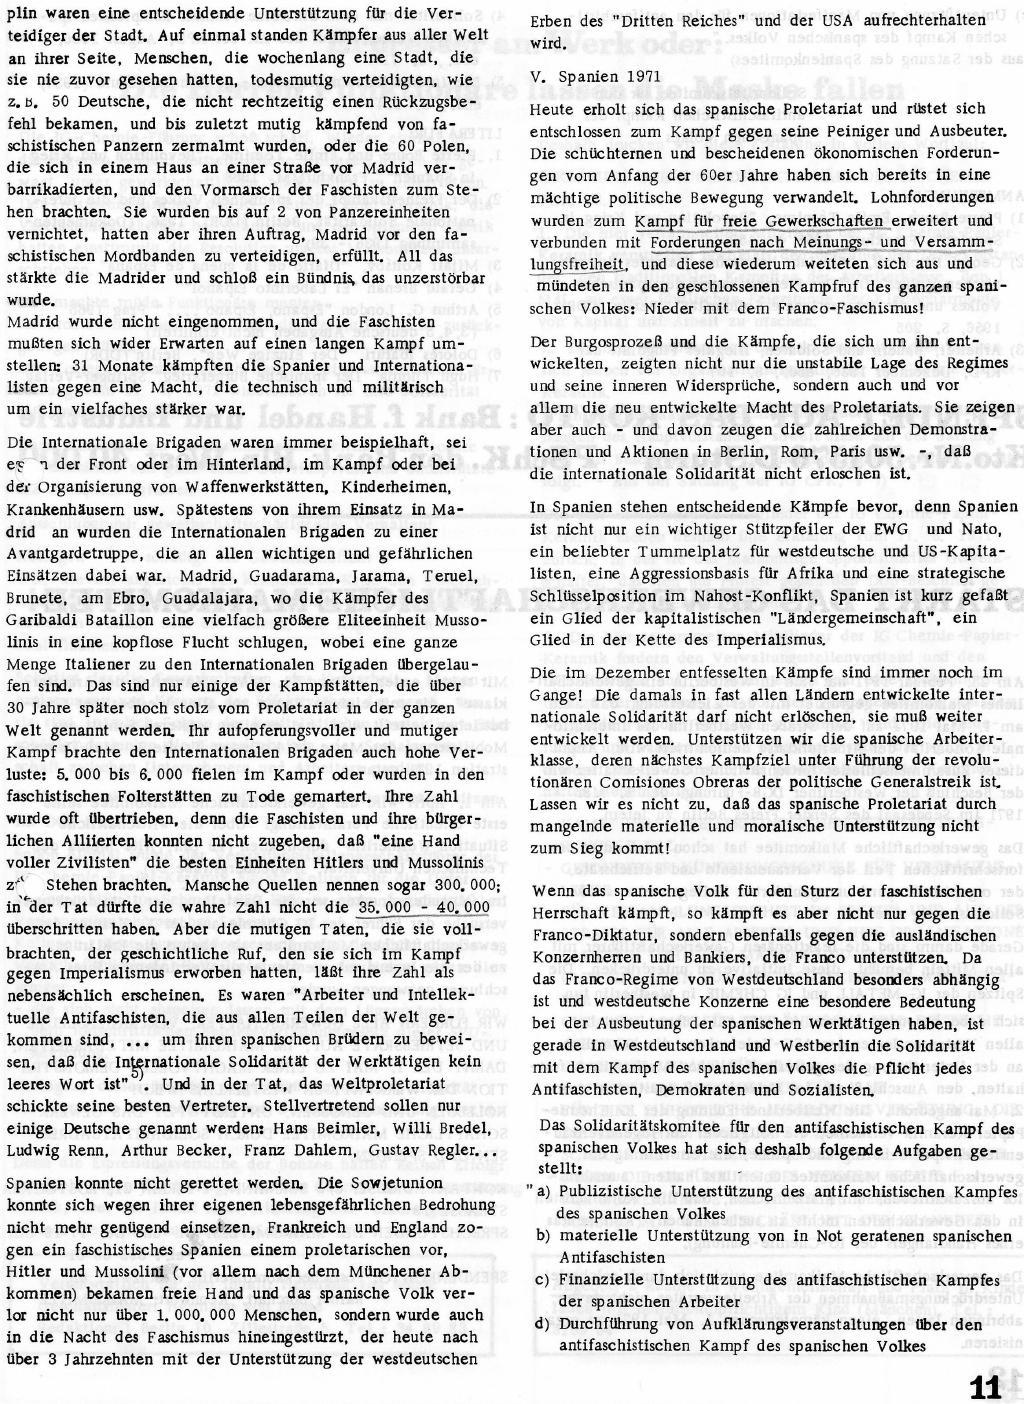 RPK_1971_108_11